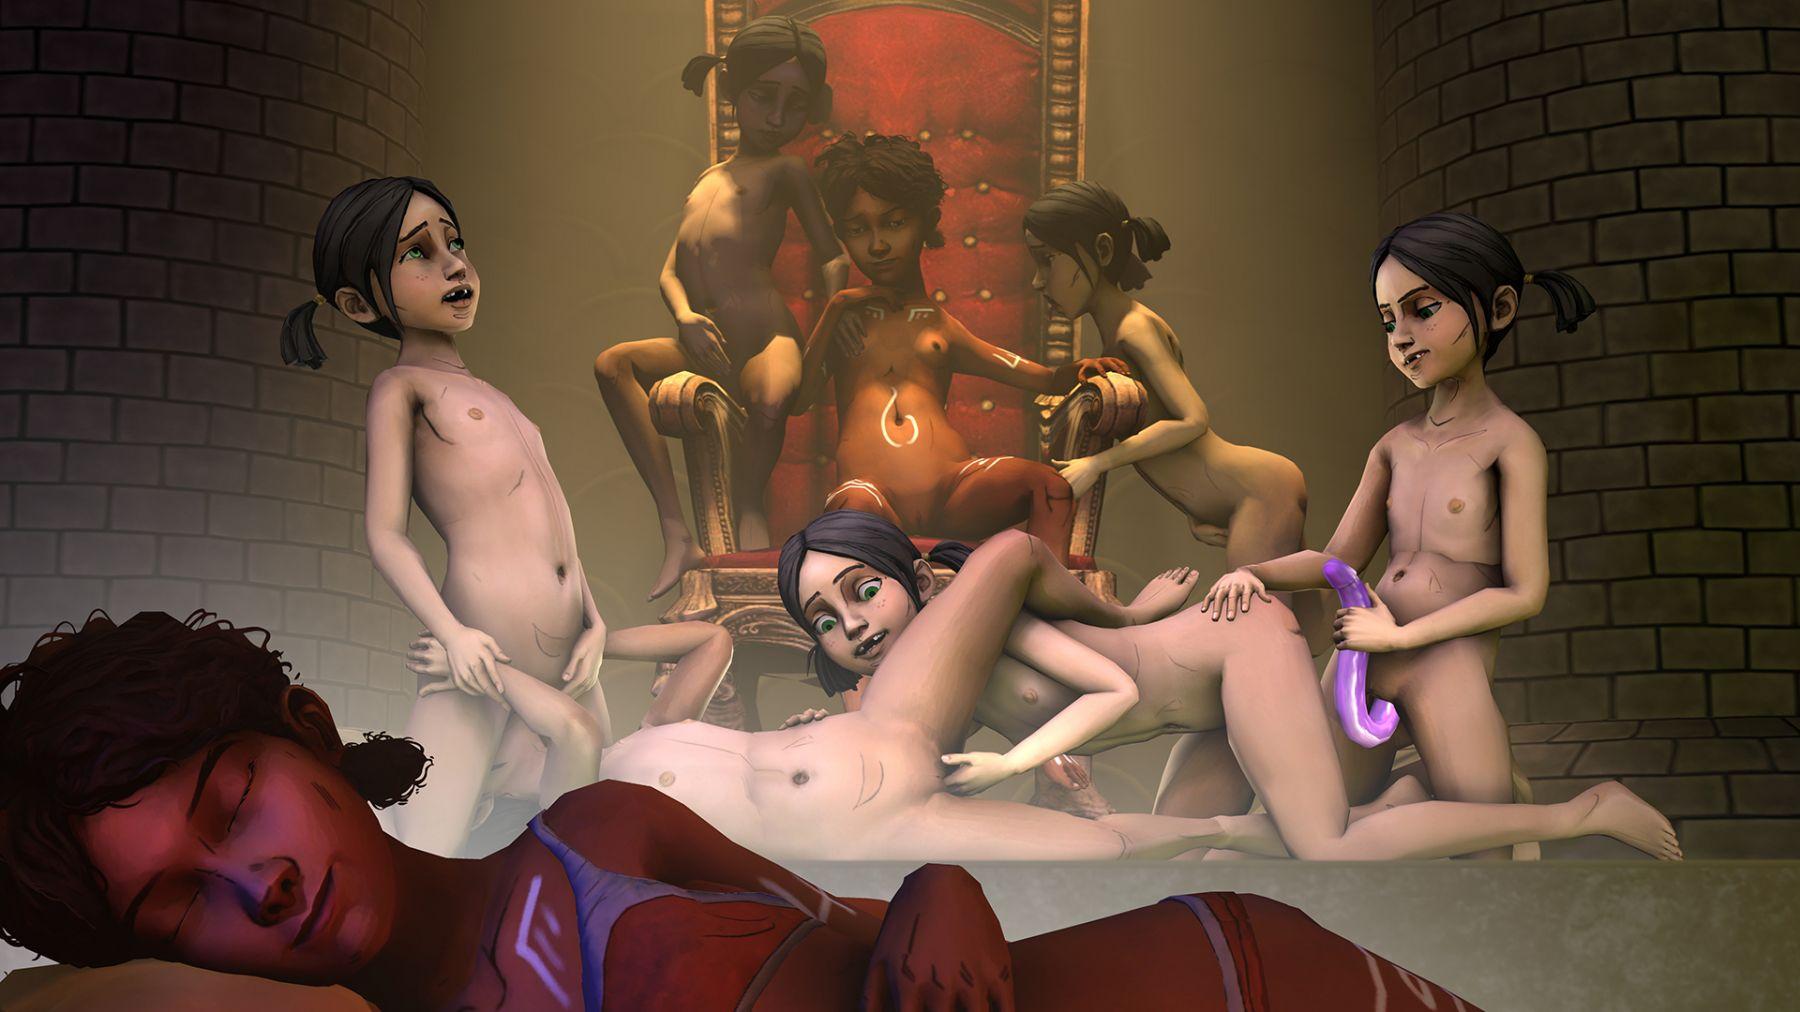 3d hentai the arts of lesbian ninja sex hd 5